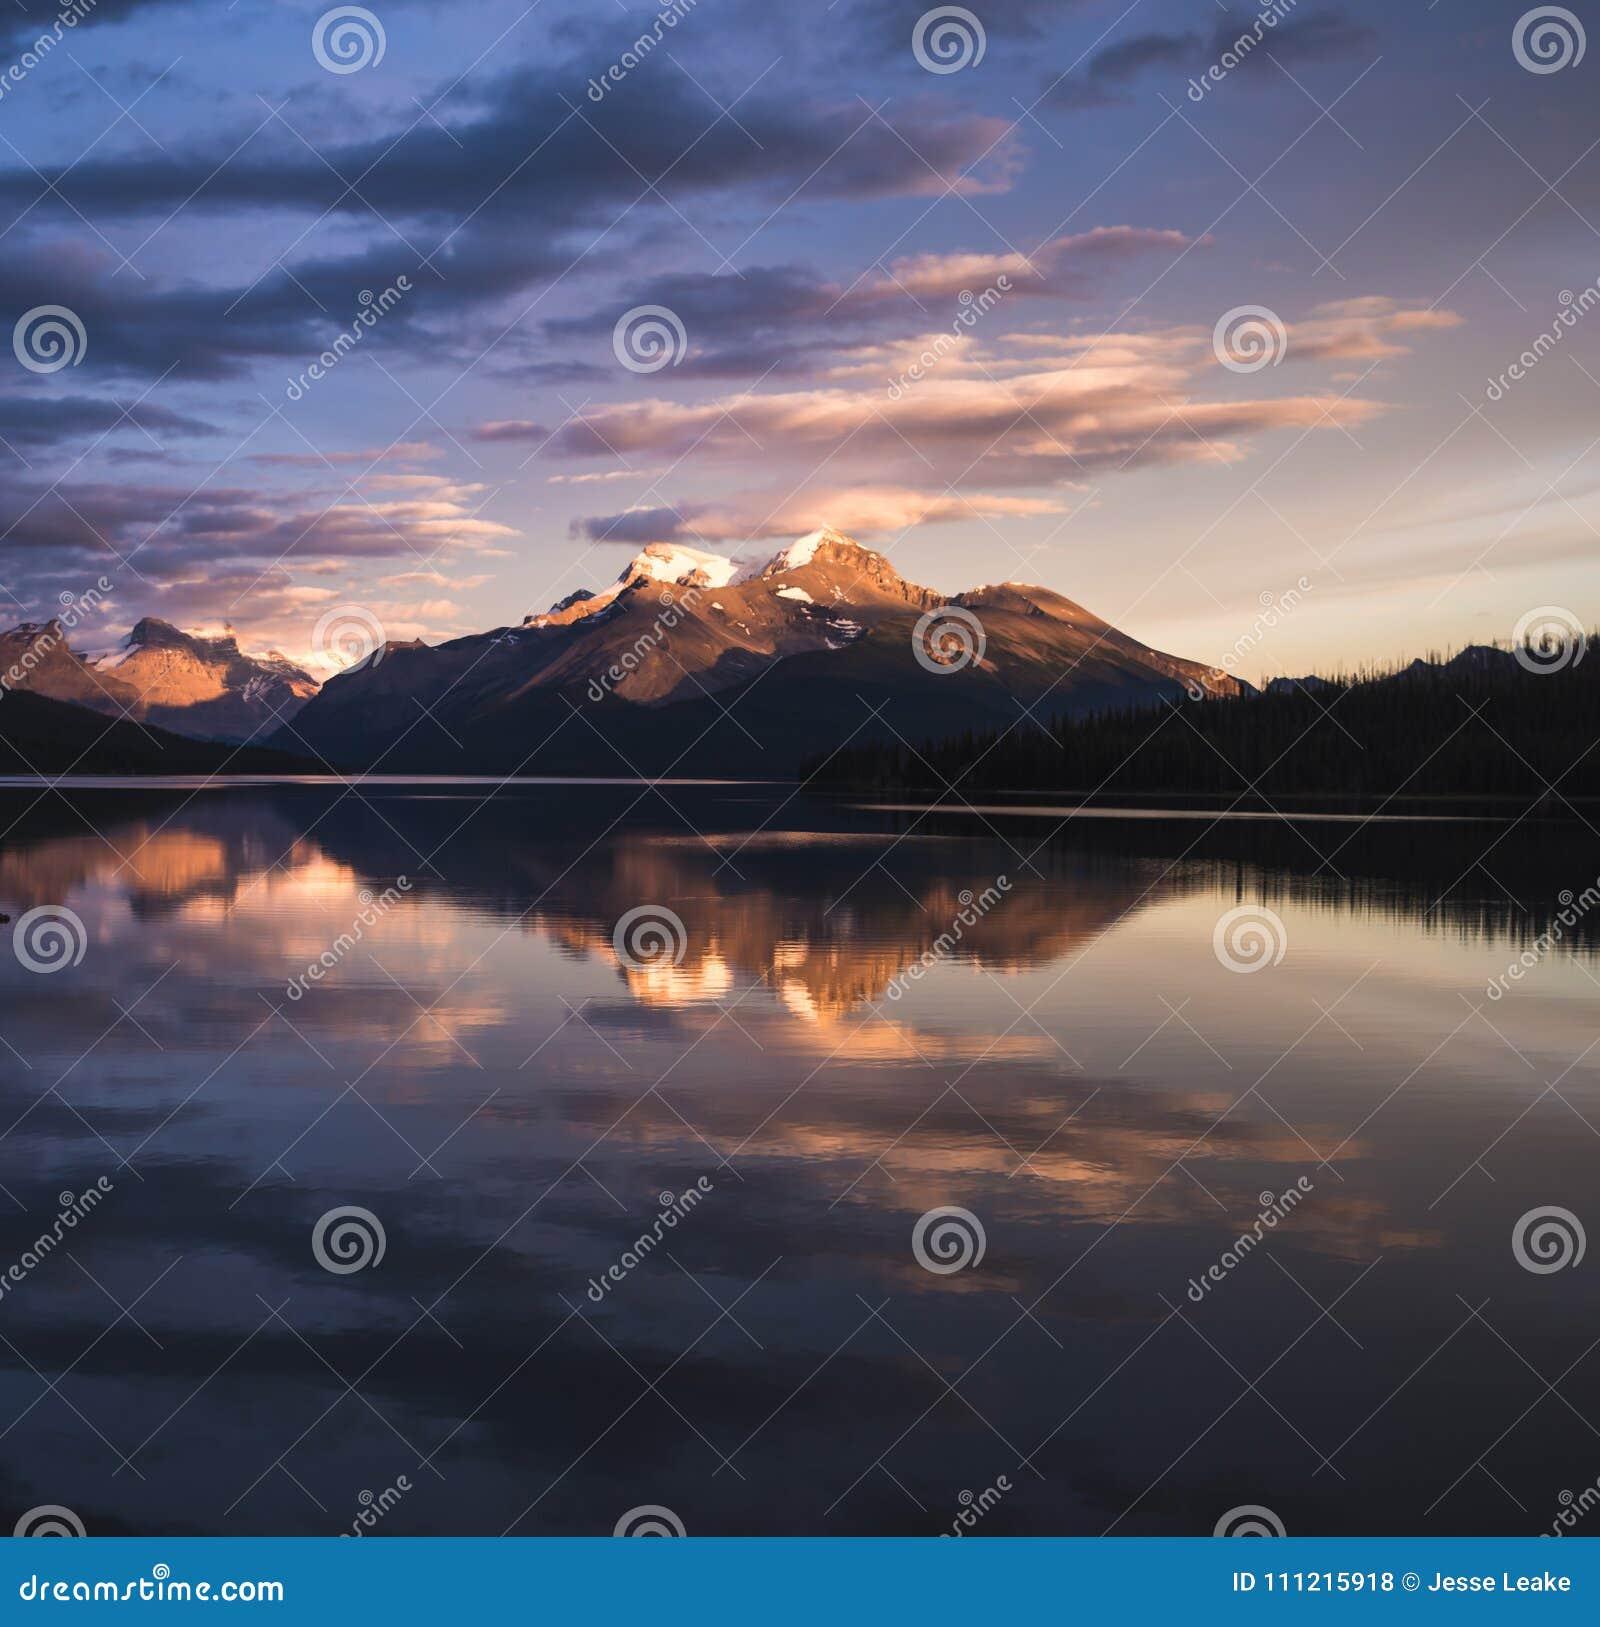 A stunning sunset over Maligne Lake of Jasper National Park